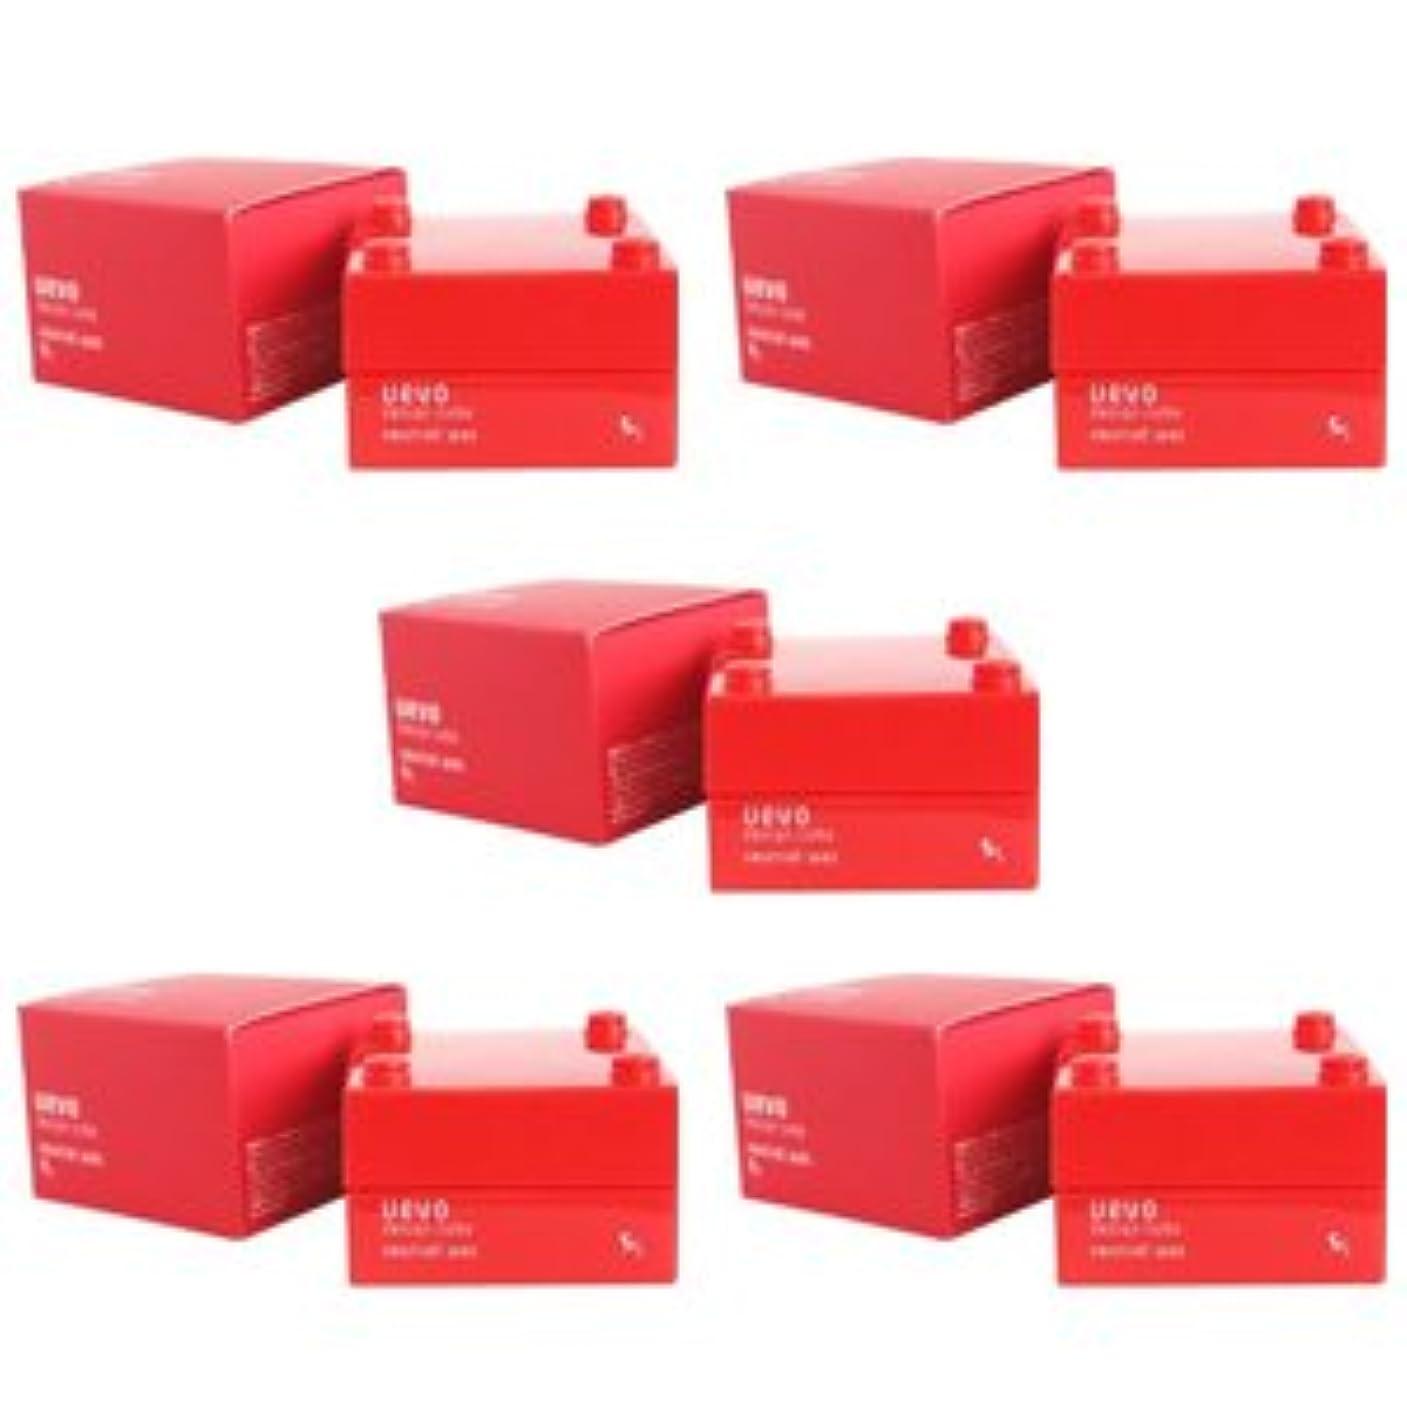 コンクリート遮る工場【X5個セット】 デミ ウェーボ デザインキューブ ニュートラルワックス 30g neutral wax DEMI uevo design cube